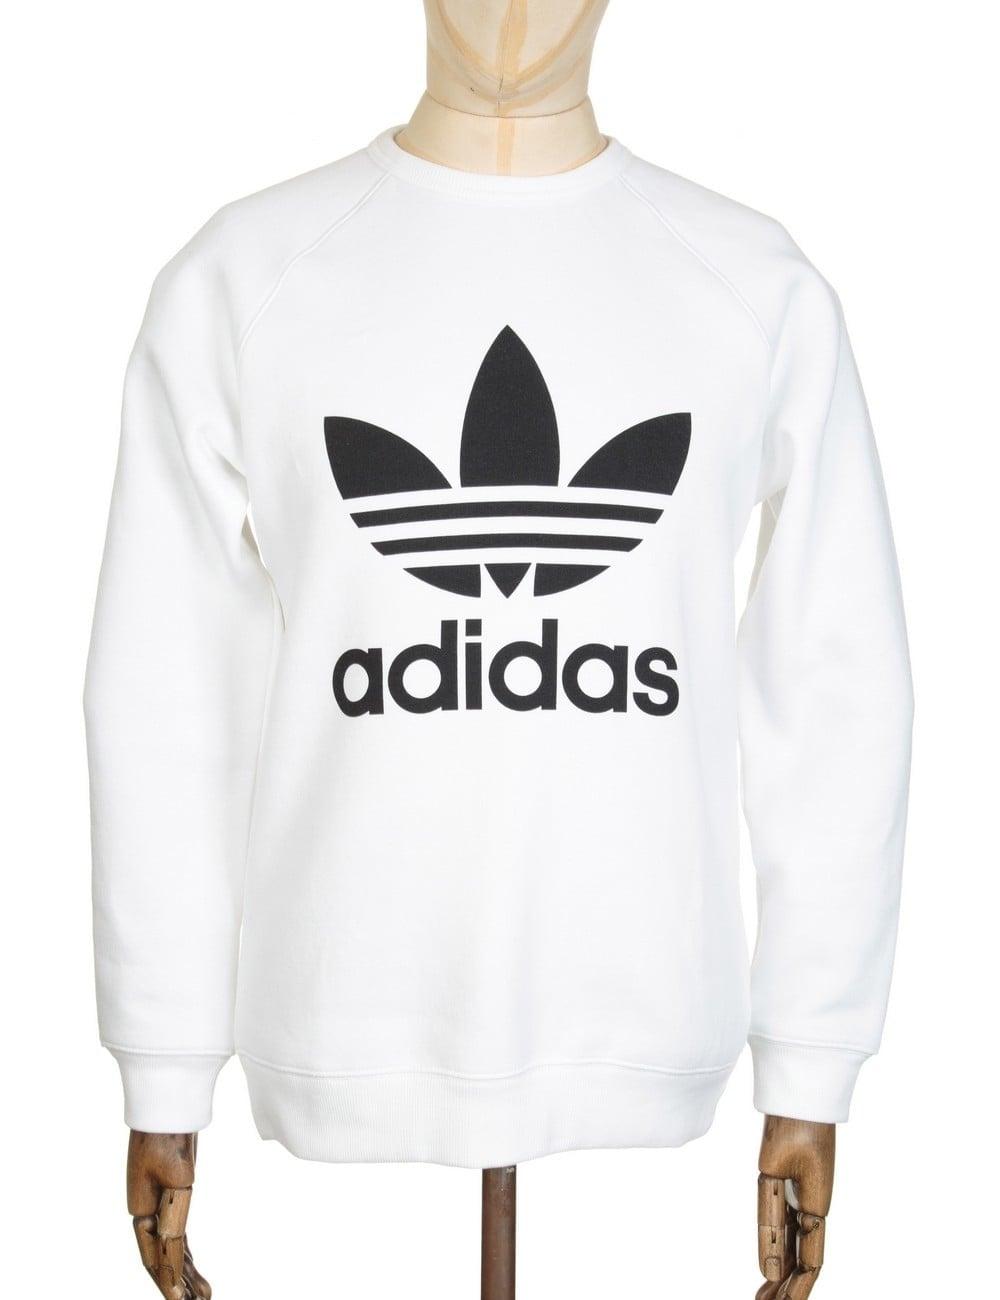 aec18843909c Adidas Originals Trefoil Sweatshirt - White - Clothing from Fat ...